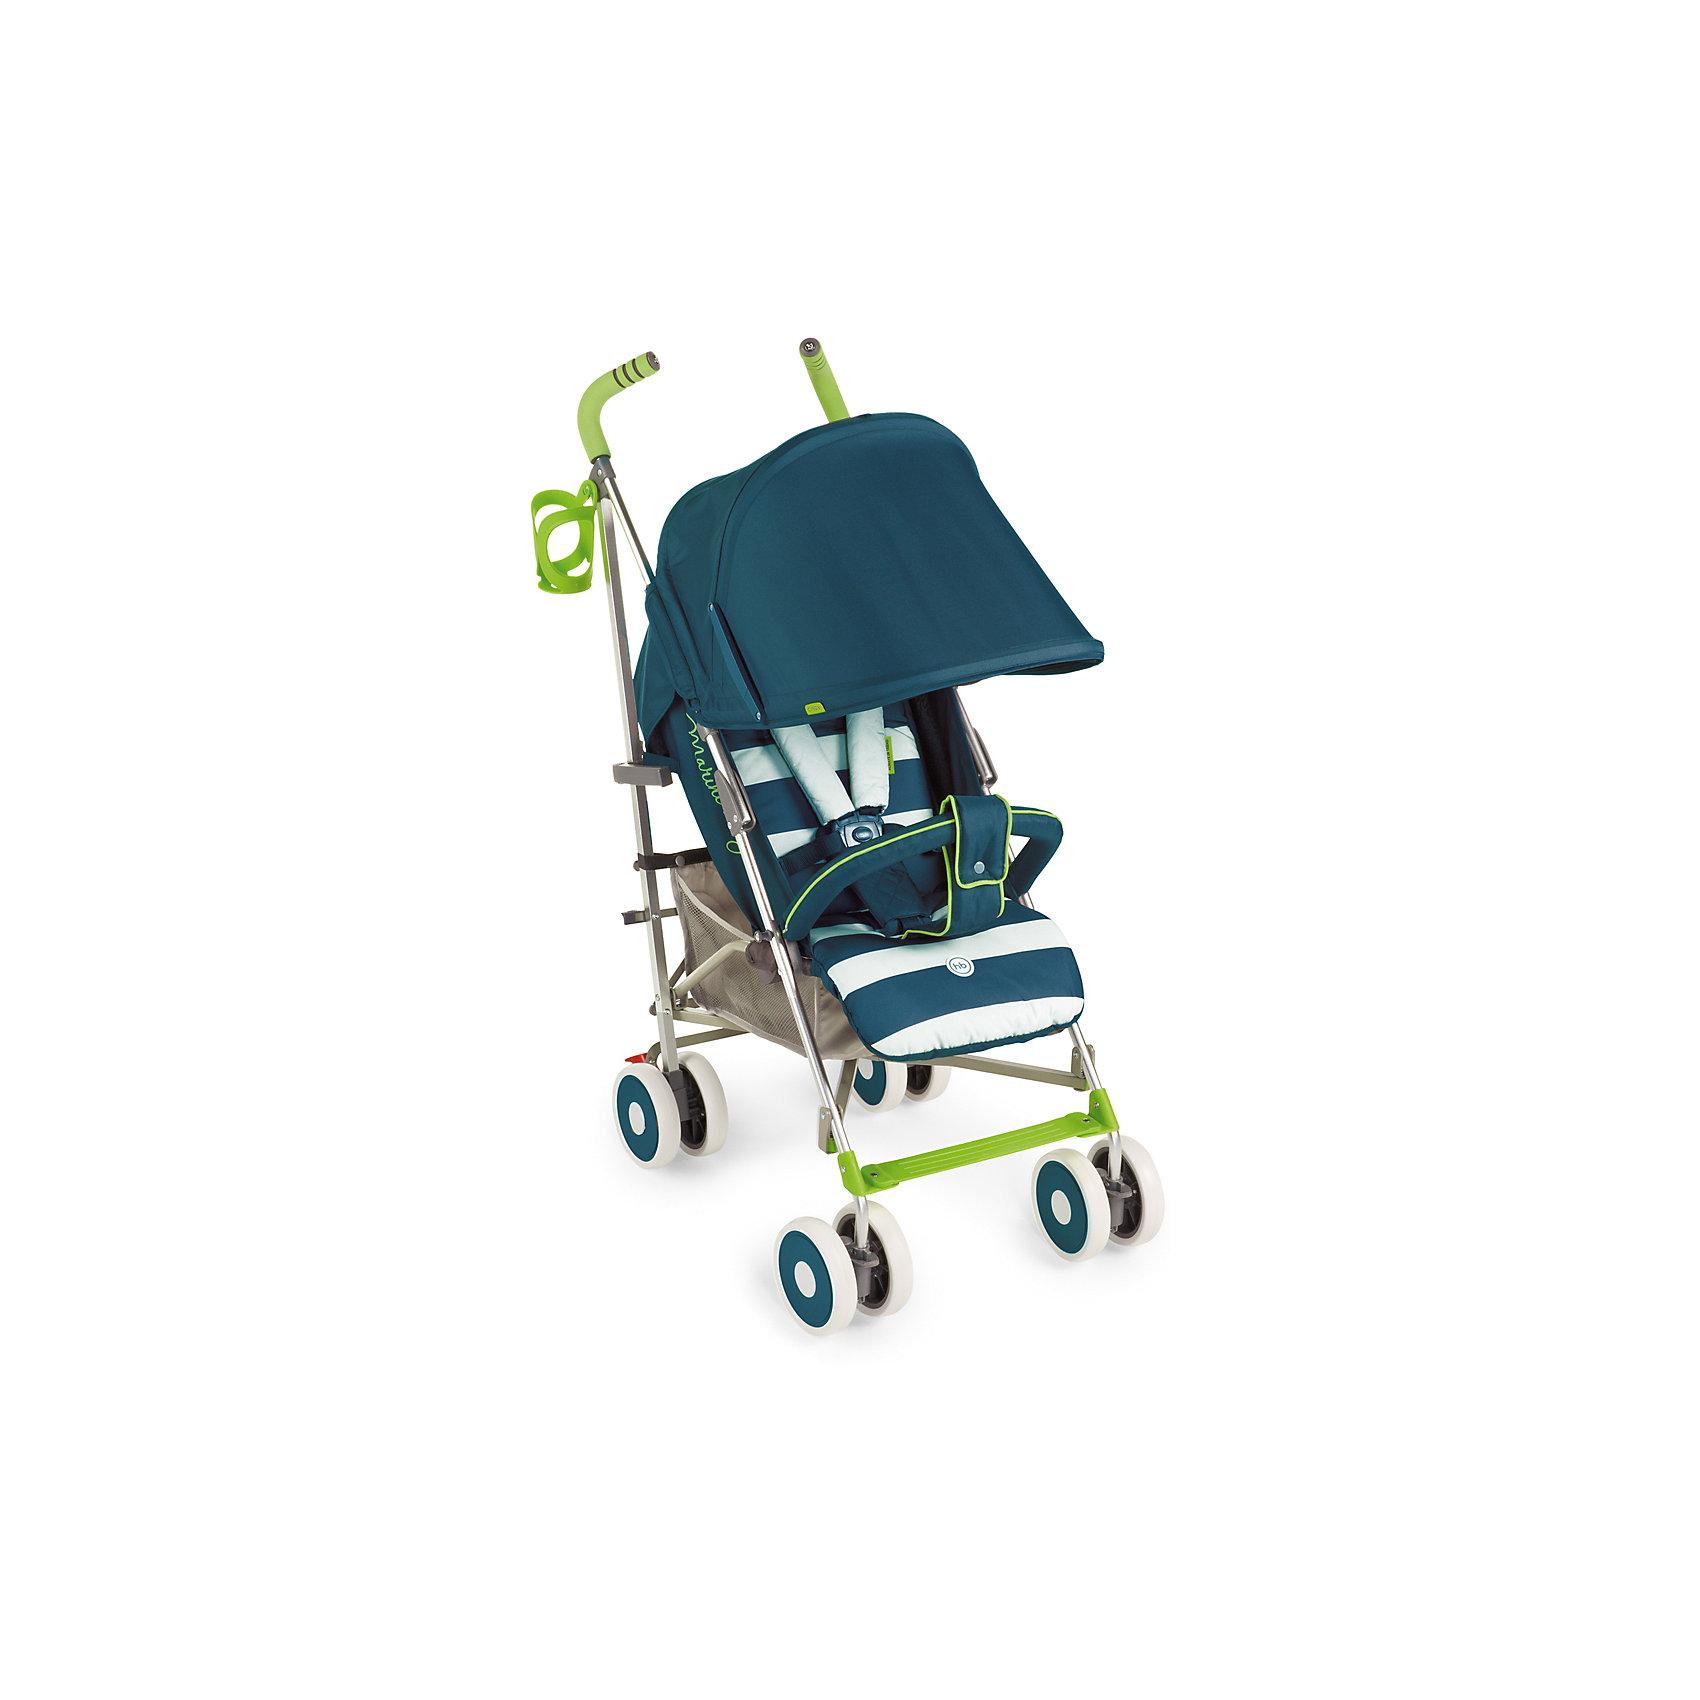 Коляска-трость Happy Baby Cindy, бирюзовыйКоляски-трости<br>Благодаря современному дизайну и продуманным функциям коляска Cindy подарит удовольствие от использования и малышу, и маме. Пятиточечные ремни безопасности с мягкими накладками надежно и комфортно зафиксируют ребёнка в коляске. Солнцезащитный козырёк опускается до съемного бампера, а спинка и подножка регулируются в трех положениях. Съемная подушка-подголовник и горизонтальный наклон спинки позволят малышу отдохнуть на свежем воздухе. Передние поворотные колеса с возможностью фиксации обеспечат прекрасную маневренность, а тормозной механизм на задних колесах надежно зафиксирует коляску. Большая вместительная корзина для необходимых аксессуаров, подстаканник и удобные ручки не оставят молодых родителей равнодушными. Благодаря компактному размеру в сложенном состоянии и удобной ручке для переноски коляску можно взять с собой в путешествие. Обивка изготовлена из дышащих материалов. Мягкая подкладка для головы и плеч создаст дополнительный уют вашему малышу. Ткань проста в уходе. Легко чистить влажной тряпочкой.<br><br>Дополнительная информация:<br><br>Размеры в разложенном виде ДхШхВ: 77х48х108 см<br>Размеры в сложенном виде ДхШхВ: 109х26,5х34 см<br>Максимальный вес ребенка: 15 кг<br>Ширина сиденья: 31 см<br>Длина спального места: 84 см<br>Глубина сиденья: 20 см + 17 см (подножка)<br>Длина спинки: 48см<br>Кол-во положений спинки: 3<br>Углы наклона спинки: 108, 128, 175<br>Передние поворотные колеса (360°)<br>Задние колеса с тормозным механизмом<br>Амортизация передних и задних колес<br>В комплекте дождевик, подстаканник, москитная сетка.<br>Тип складывания: трость<br>Вес коляски: 7,3 кг<br>Ручка с нескользящим покрытием<br>Капюшон с увеличением опускается до бампера<br>Пятиточечные ремни безопасности<br>Смотровое окошко на капюшоне<br>Вместительная корзина для покупок<br>Легко складывается<br>Диаметр колес 15 см<br><br>Коляску-трость Cindy, Happy Baby, бирюзовый можно купить в нашем магазине.<br><br>Ширина мм: